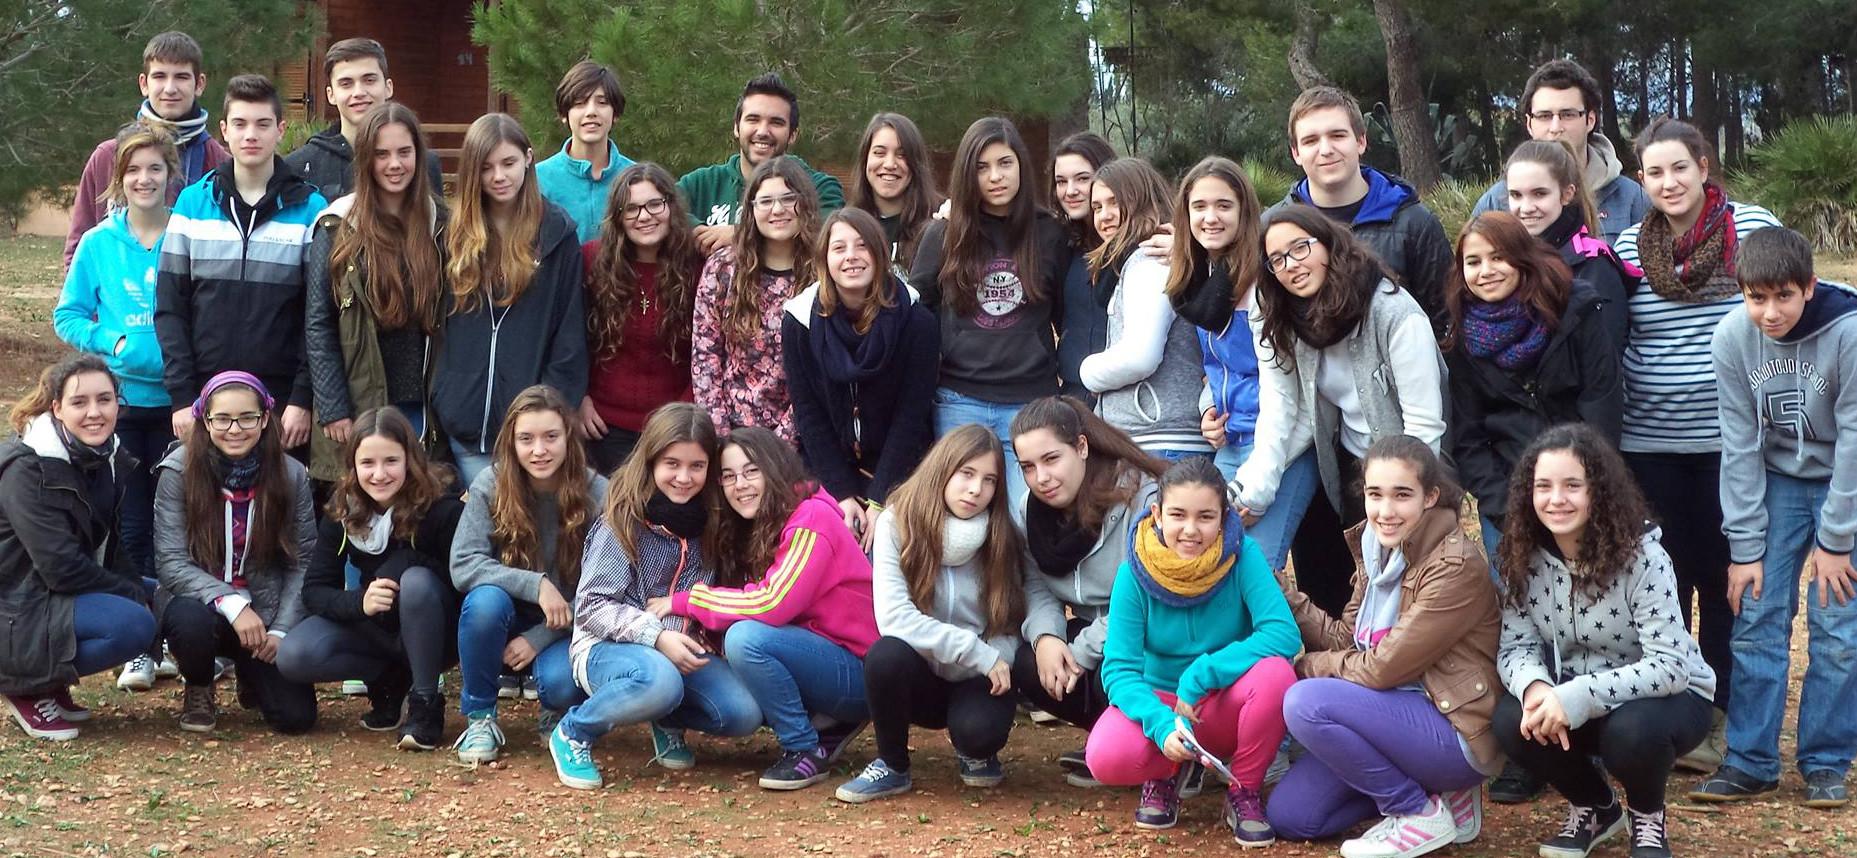 30 joves de 4 associacions a la XX Acampada de Joves Gener '14